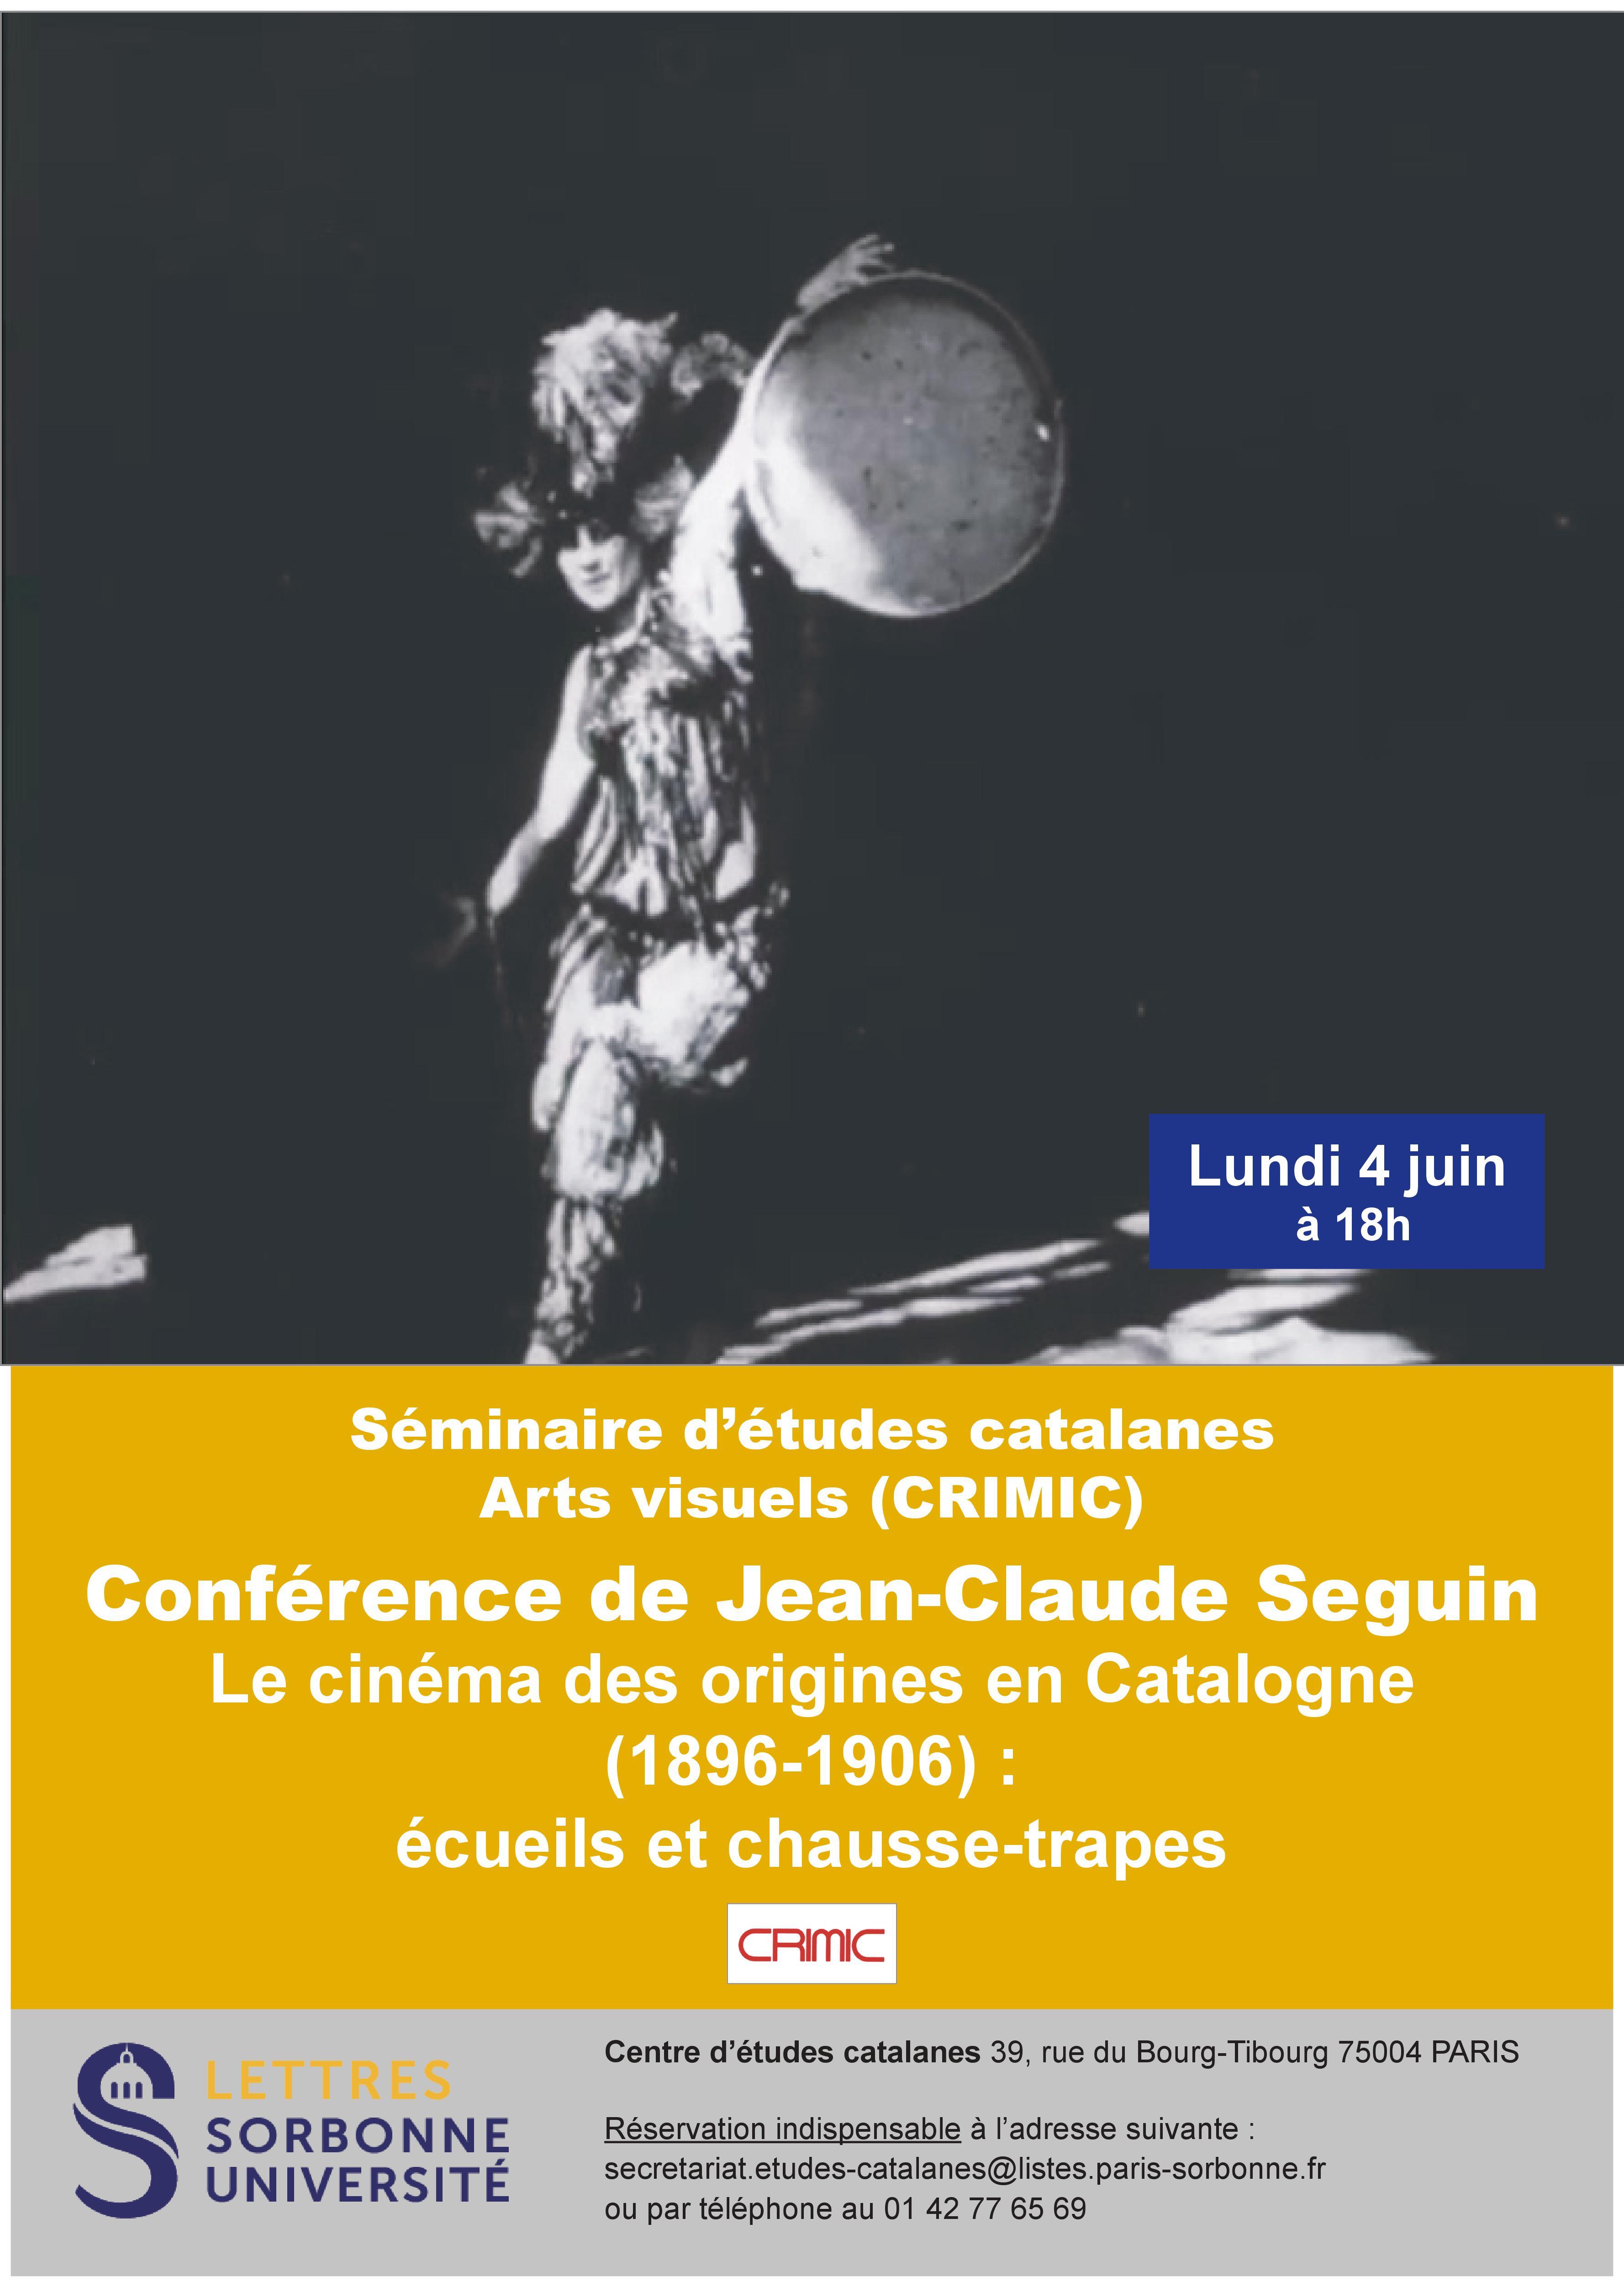 Le cinéma des origines en Catalogne (1896-1906) : écueils et chausse-trapes